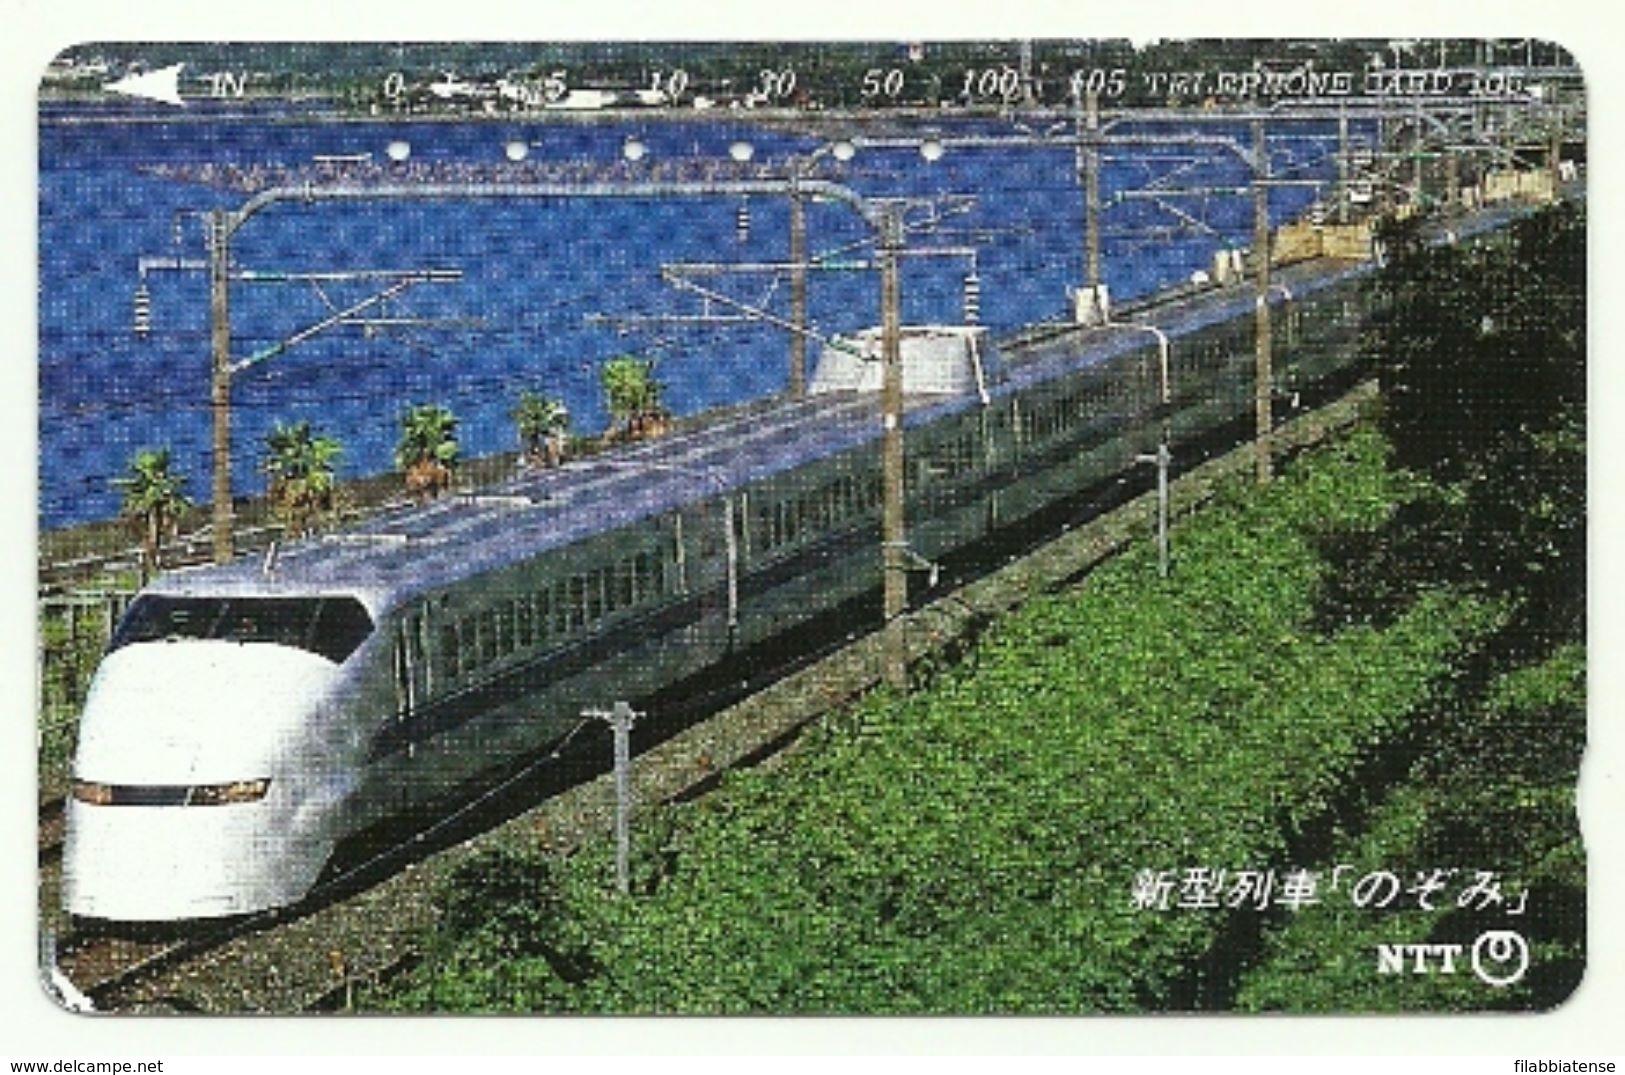 Giappone - Tessera Telefonica Da 105 Units T313 - NTT, - Treni